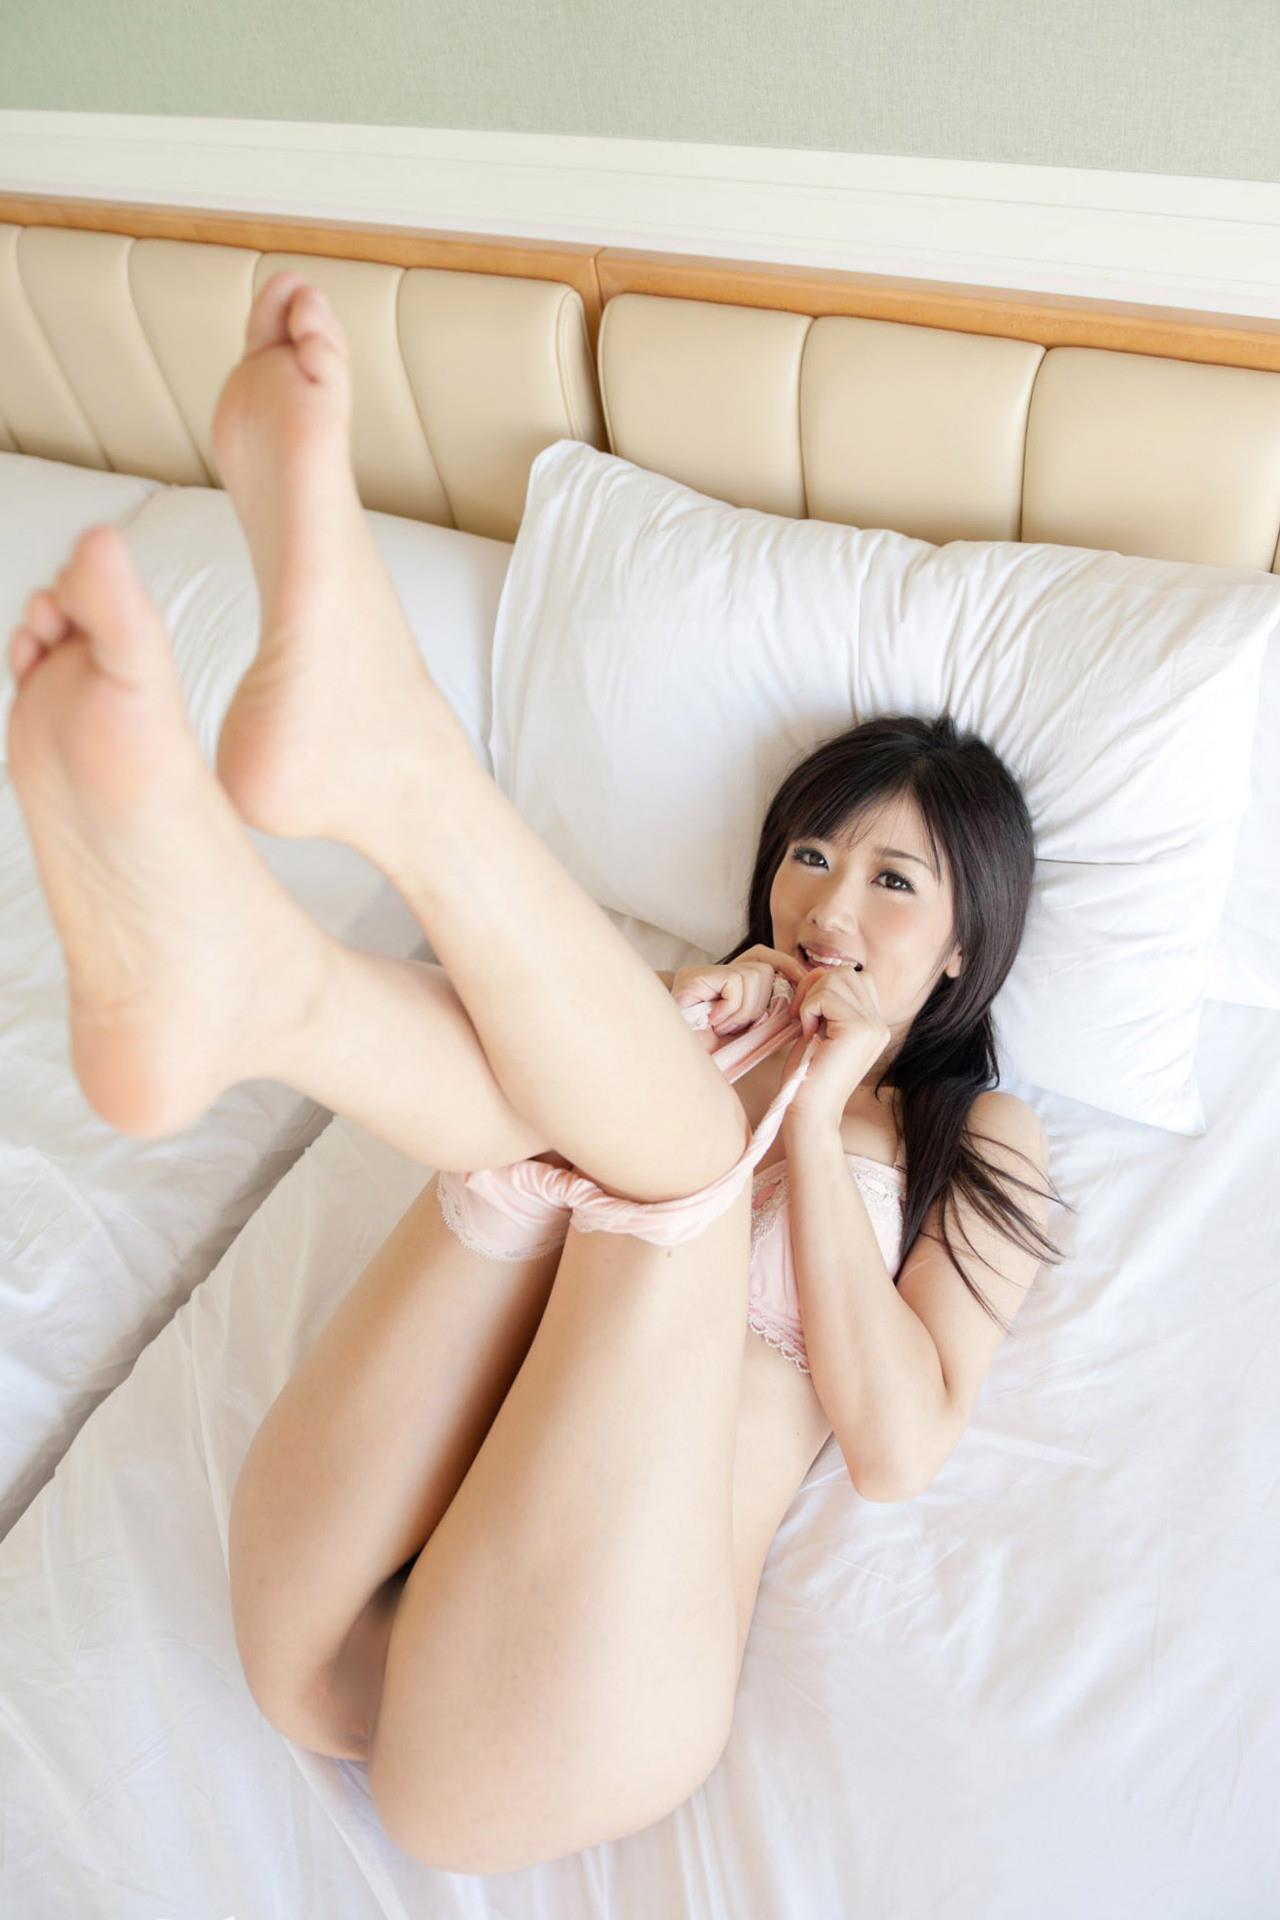 大槻ひびき フェラ画像 94